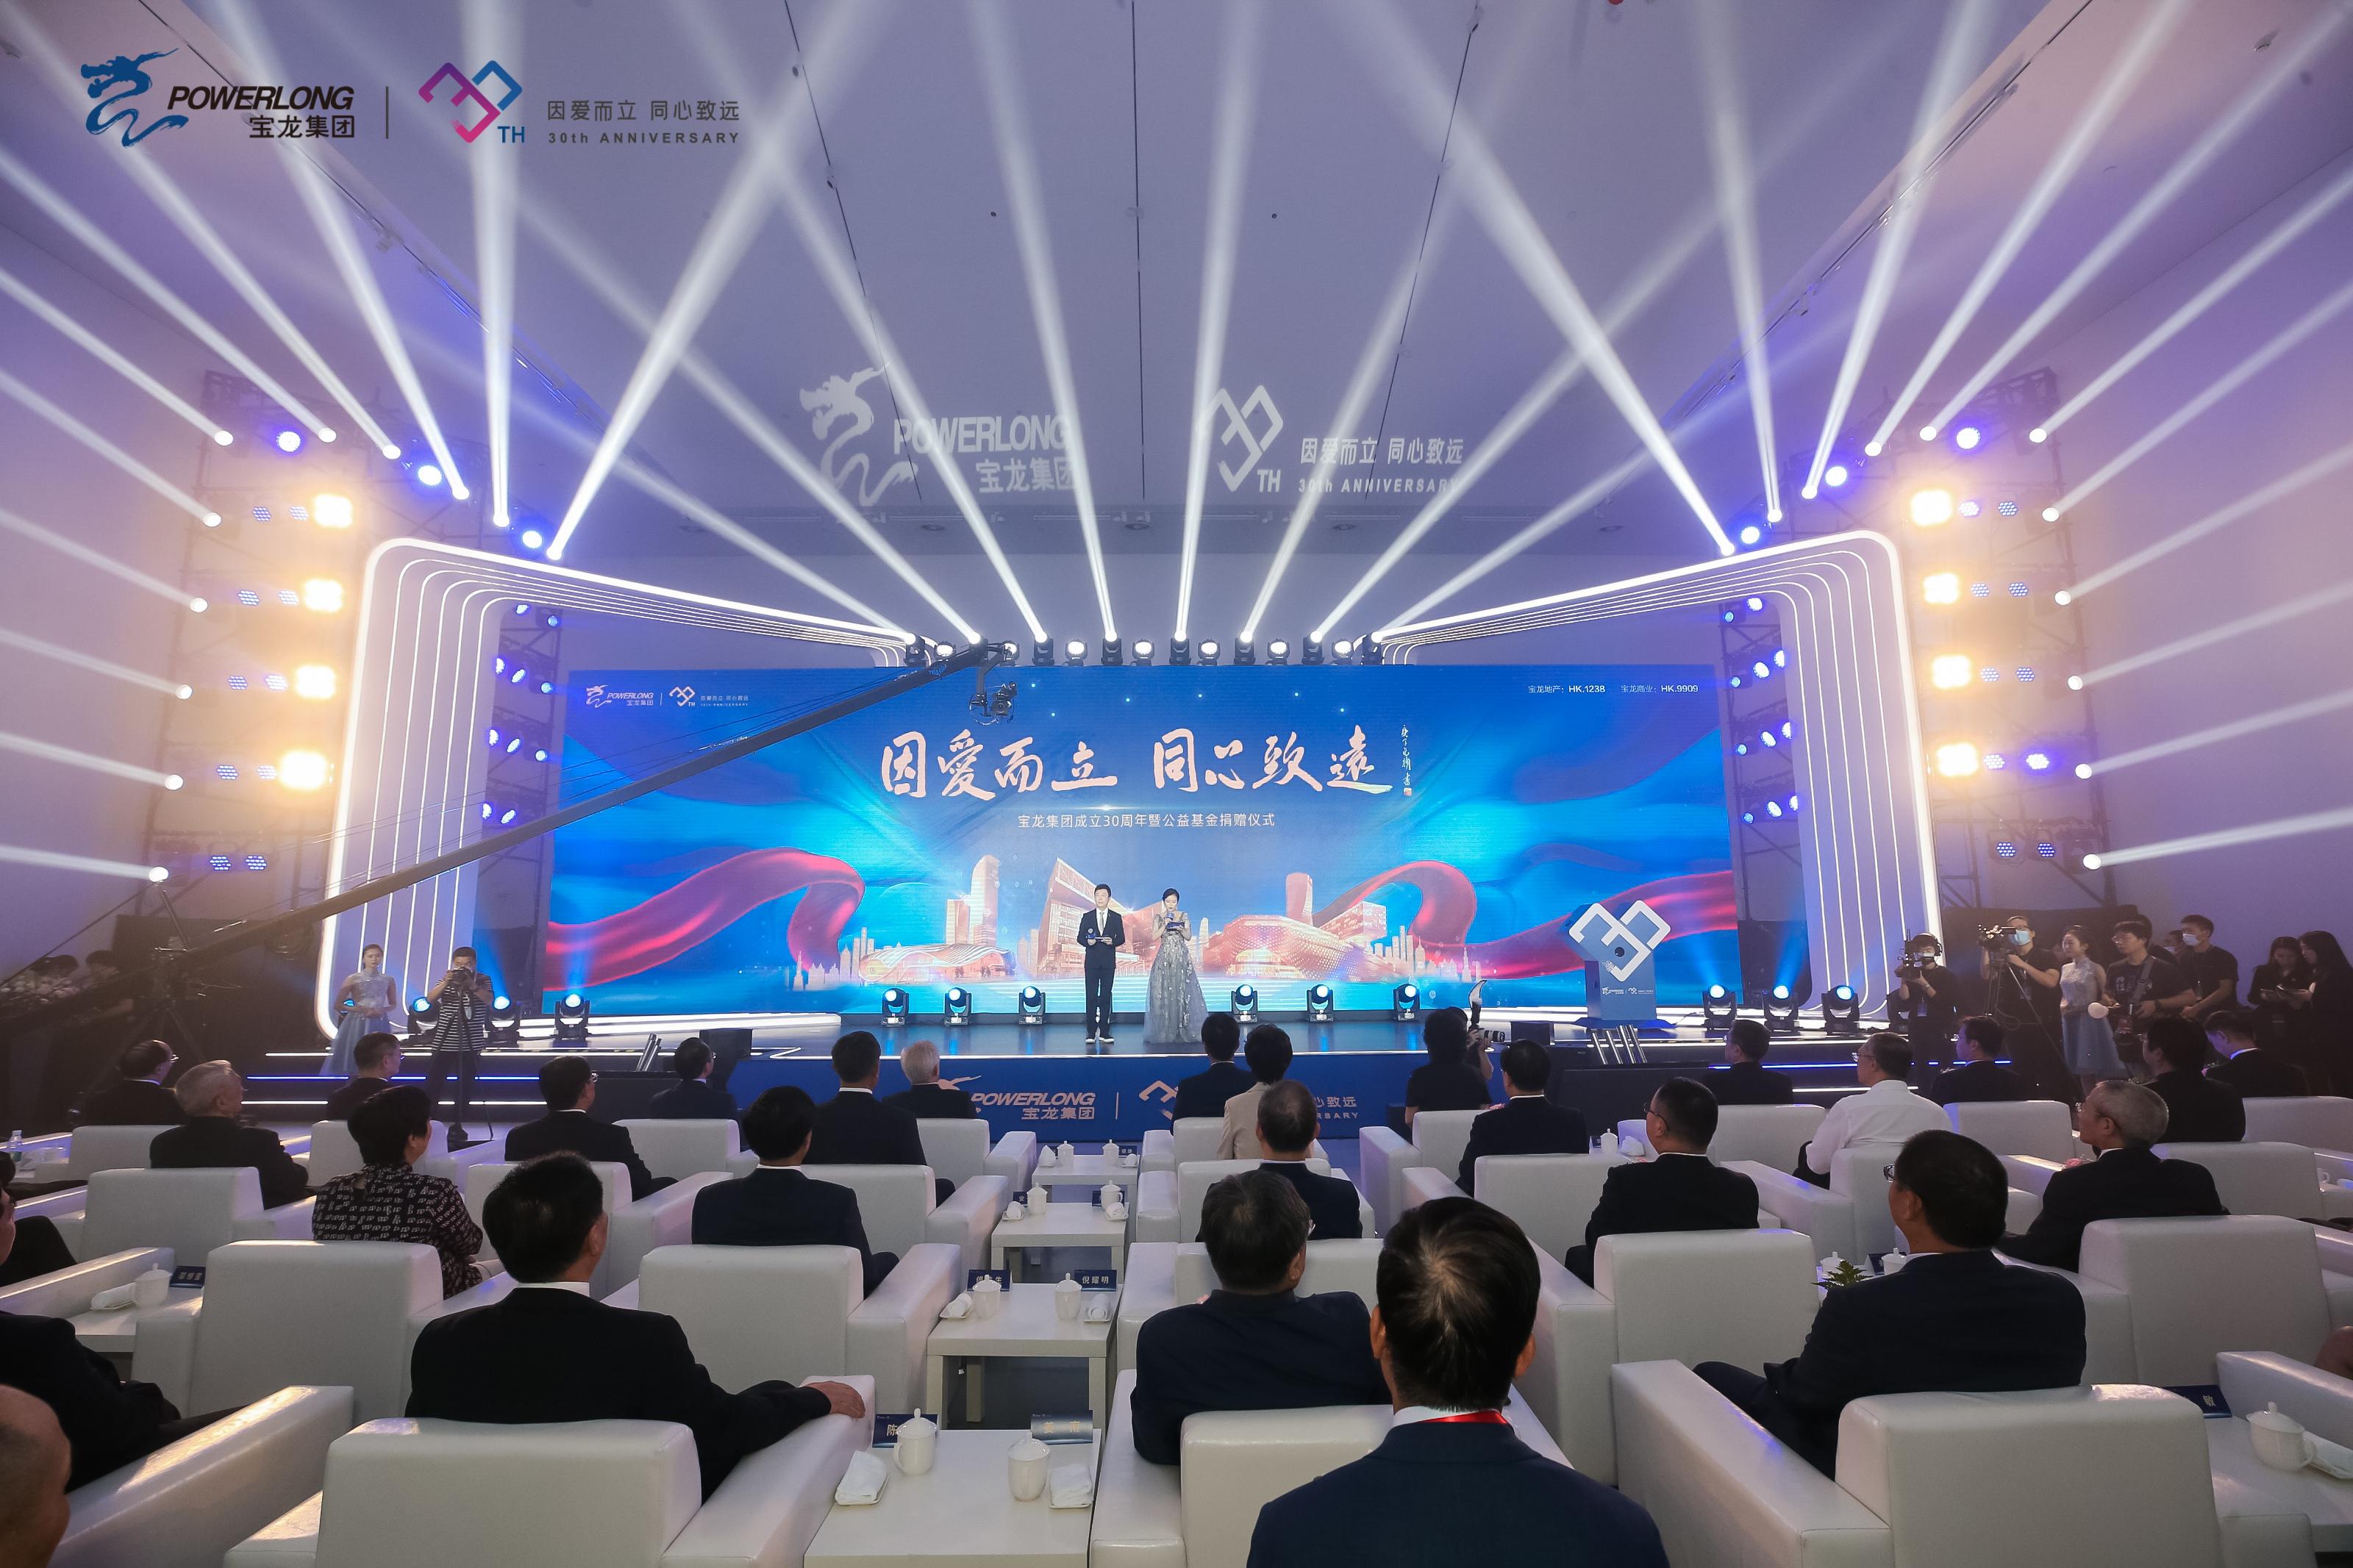 宝龙集团成立三十周年暨公益基金启动仪式在沪举行-中国网地产